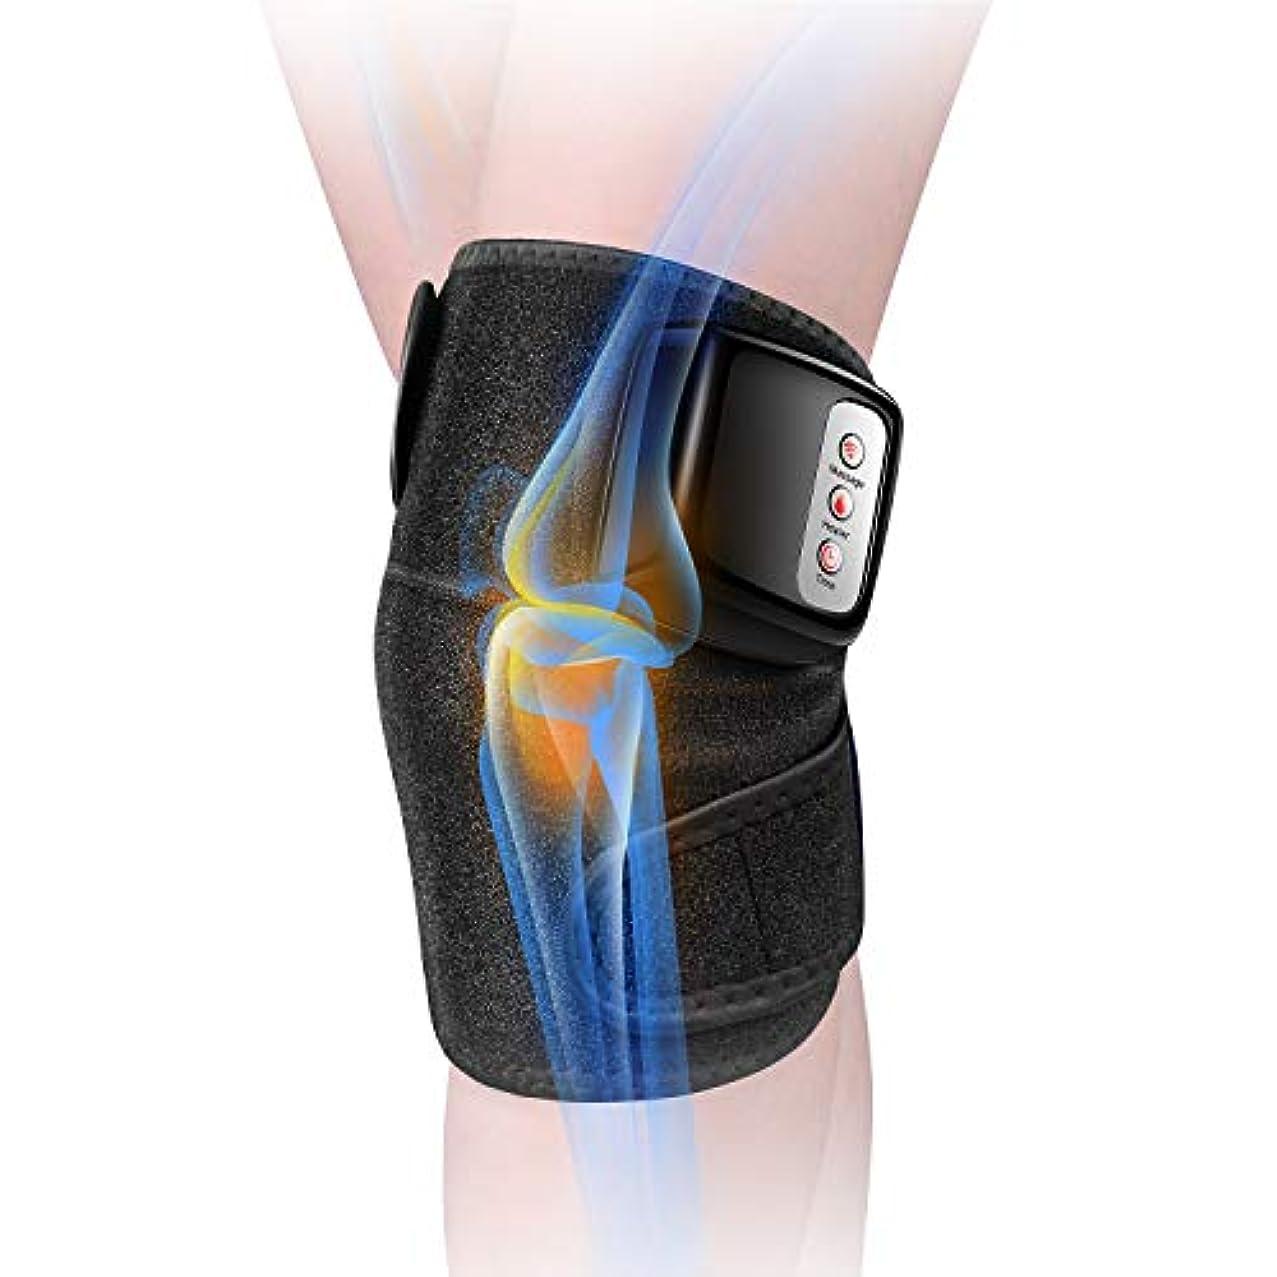 さようなら遺産乗り出す膝マッサージャー 関節マッサージャー マッサージ器 フットマッサージャー 振動 赤外線療法 温熱療法 膝サポーター ストレス解消 肩 太もも/腕対応